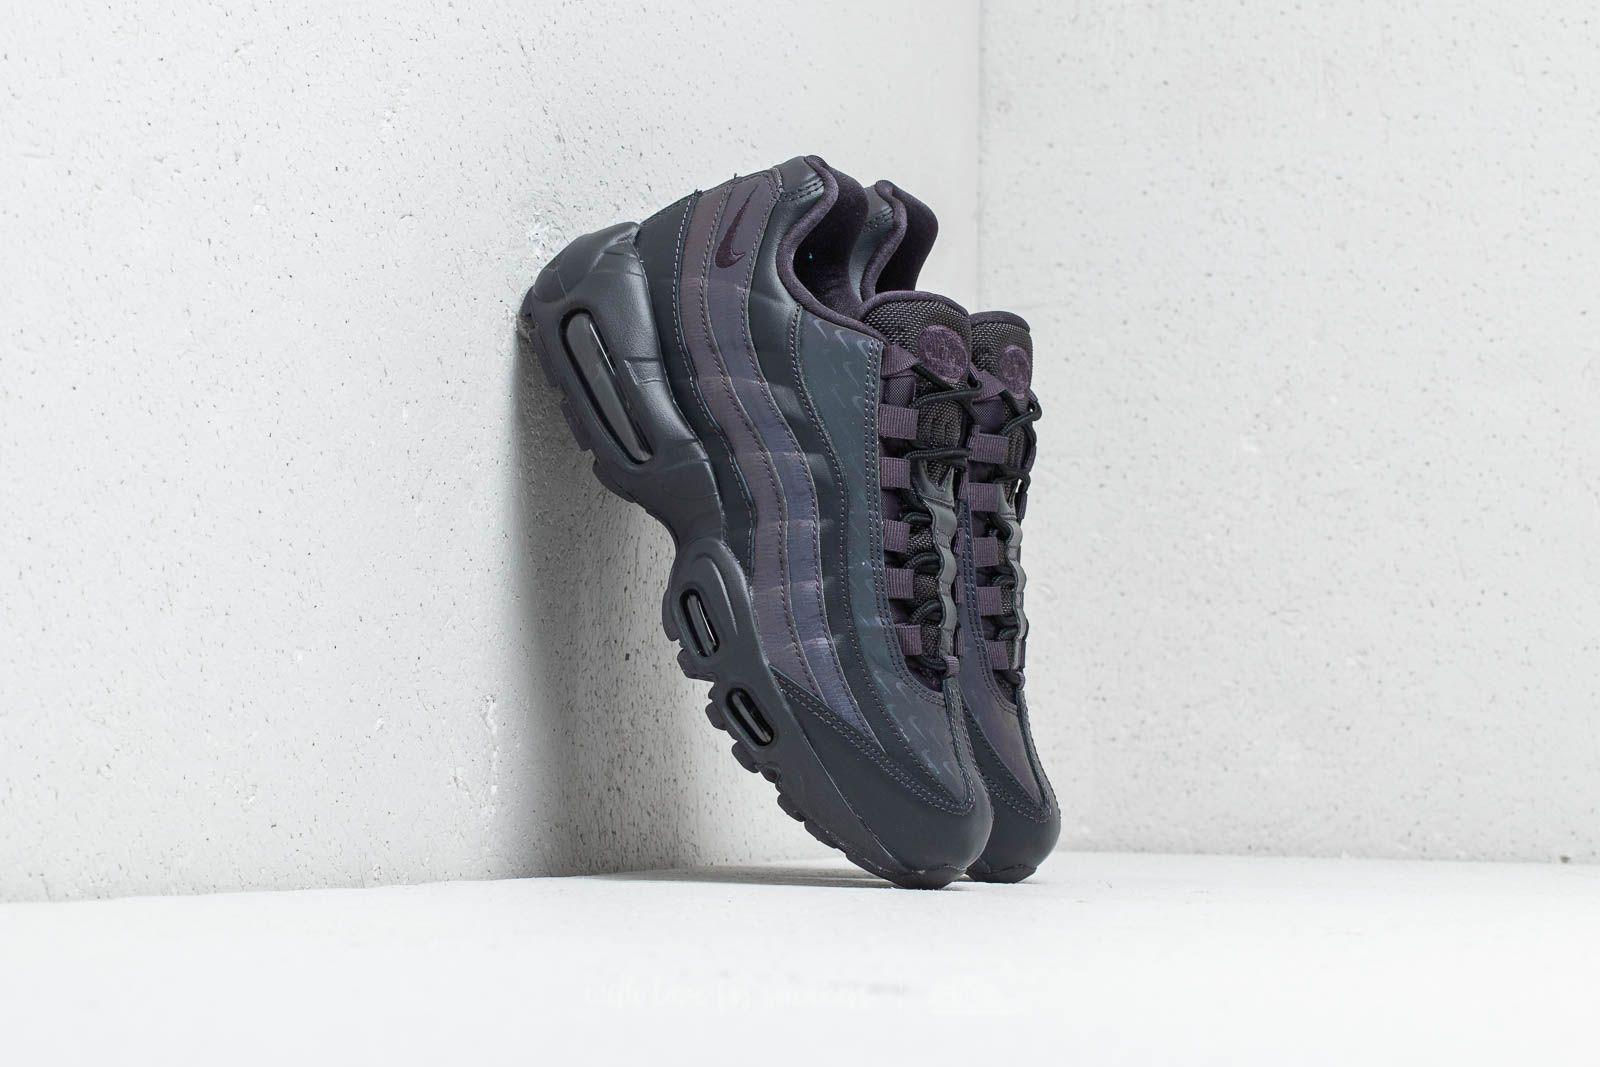 Lyst - Nike Wmns Air Max 95 Lx Oil Grey  Oil Grey-oil Grey in Gray 875da707b7